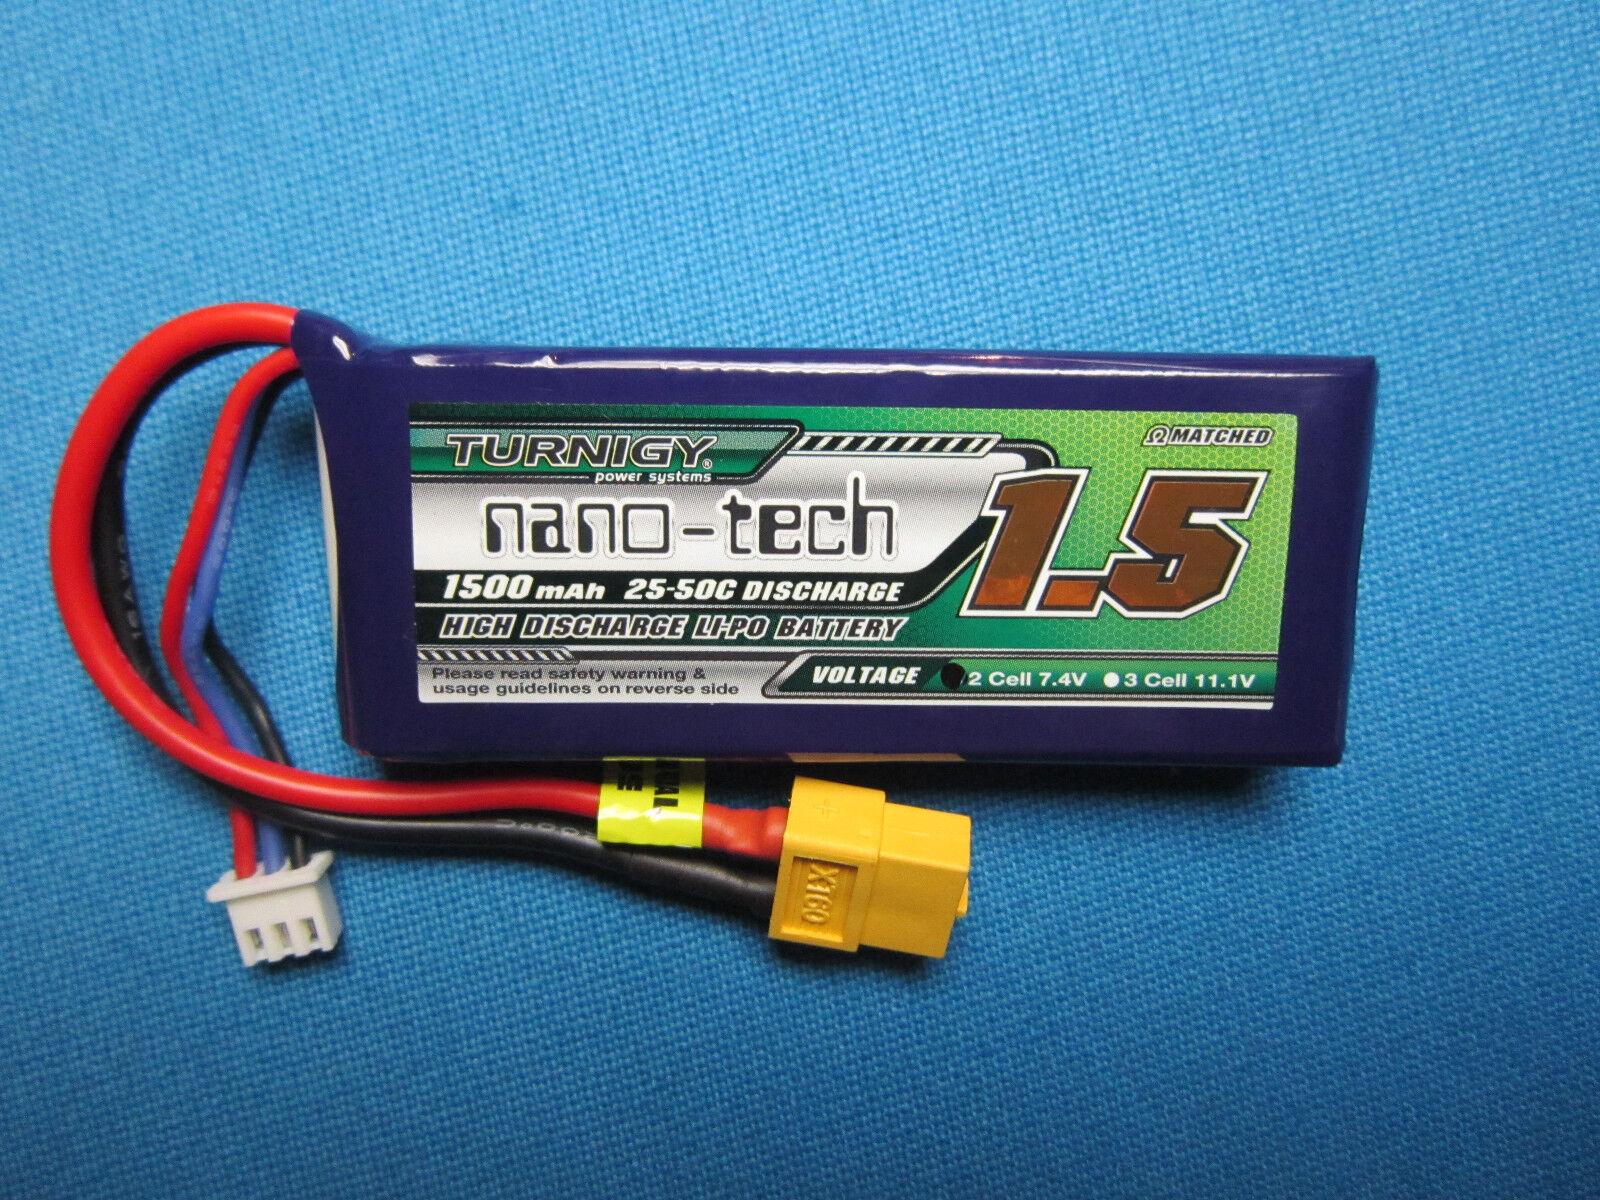 TURNIGY NANO-TECH 1500mAh 2S LIPO BATTERY 7.4V 25C XT60 LATR